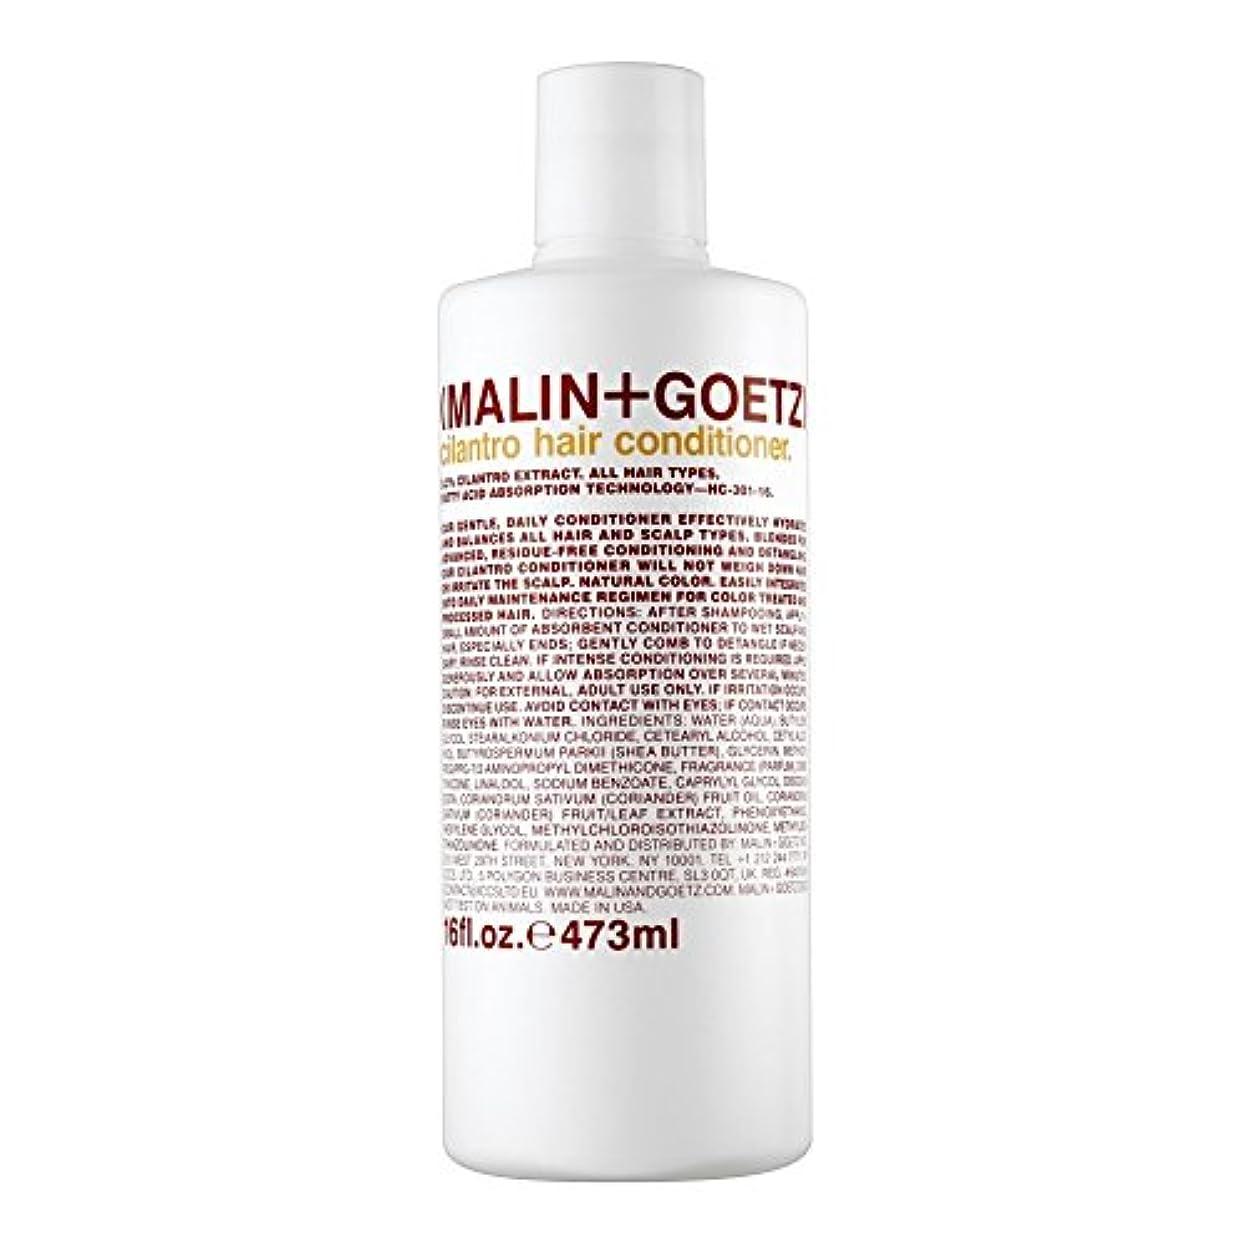 ぼかし課税住むMALIN+GOETZ Cilantro Hair Conditioner 473ml (Pack of 6) - マリン+ゲッツコリアンダーのヘアコンディショナー473ミリリットル x6 [並行輸入品]